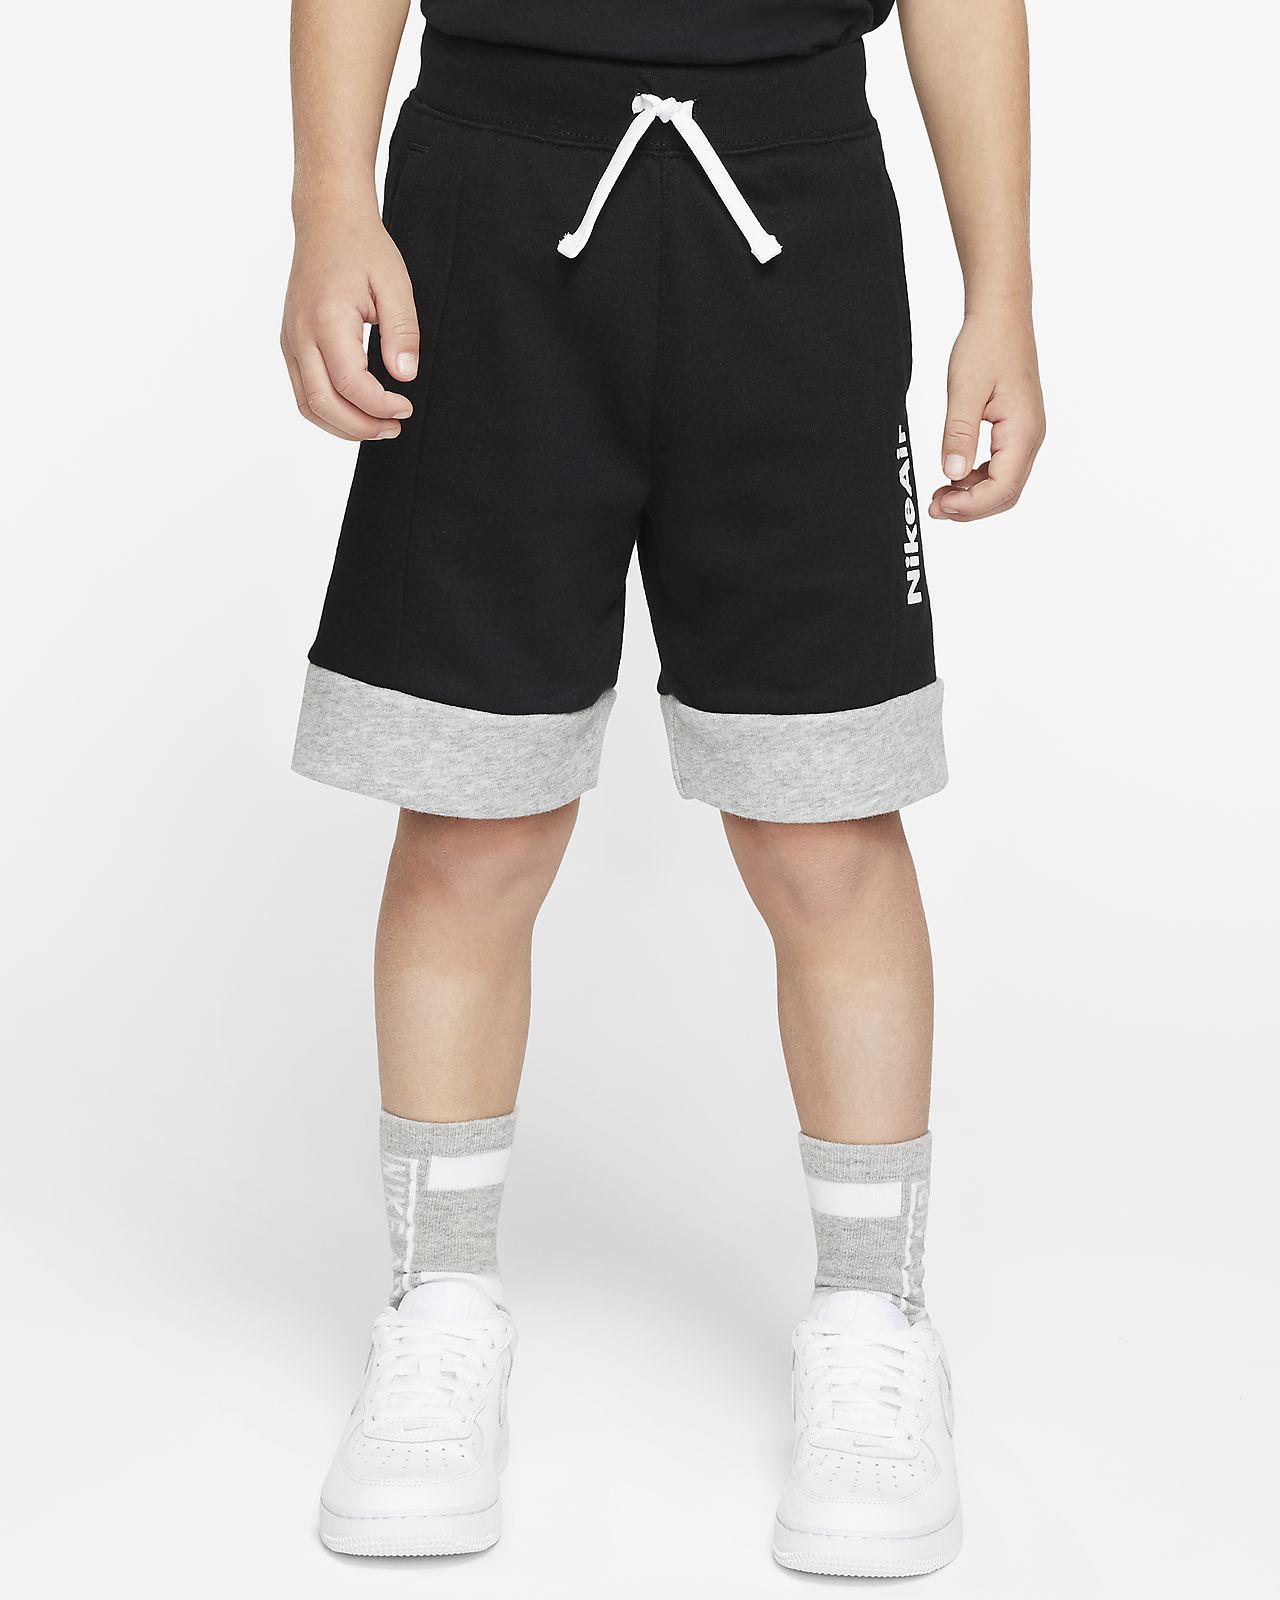 Shorts Nike Air Bambini